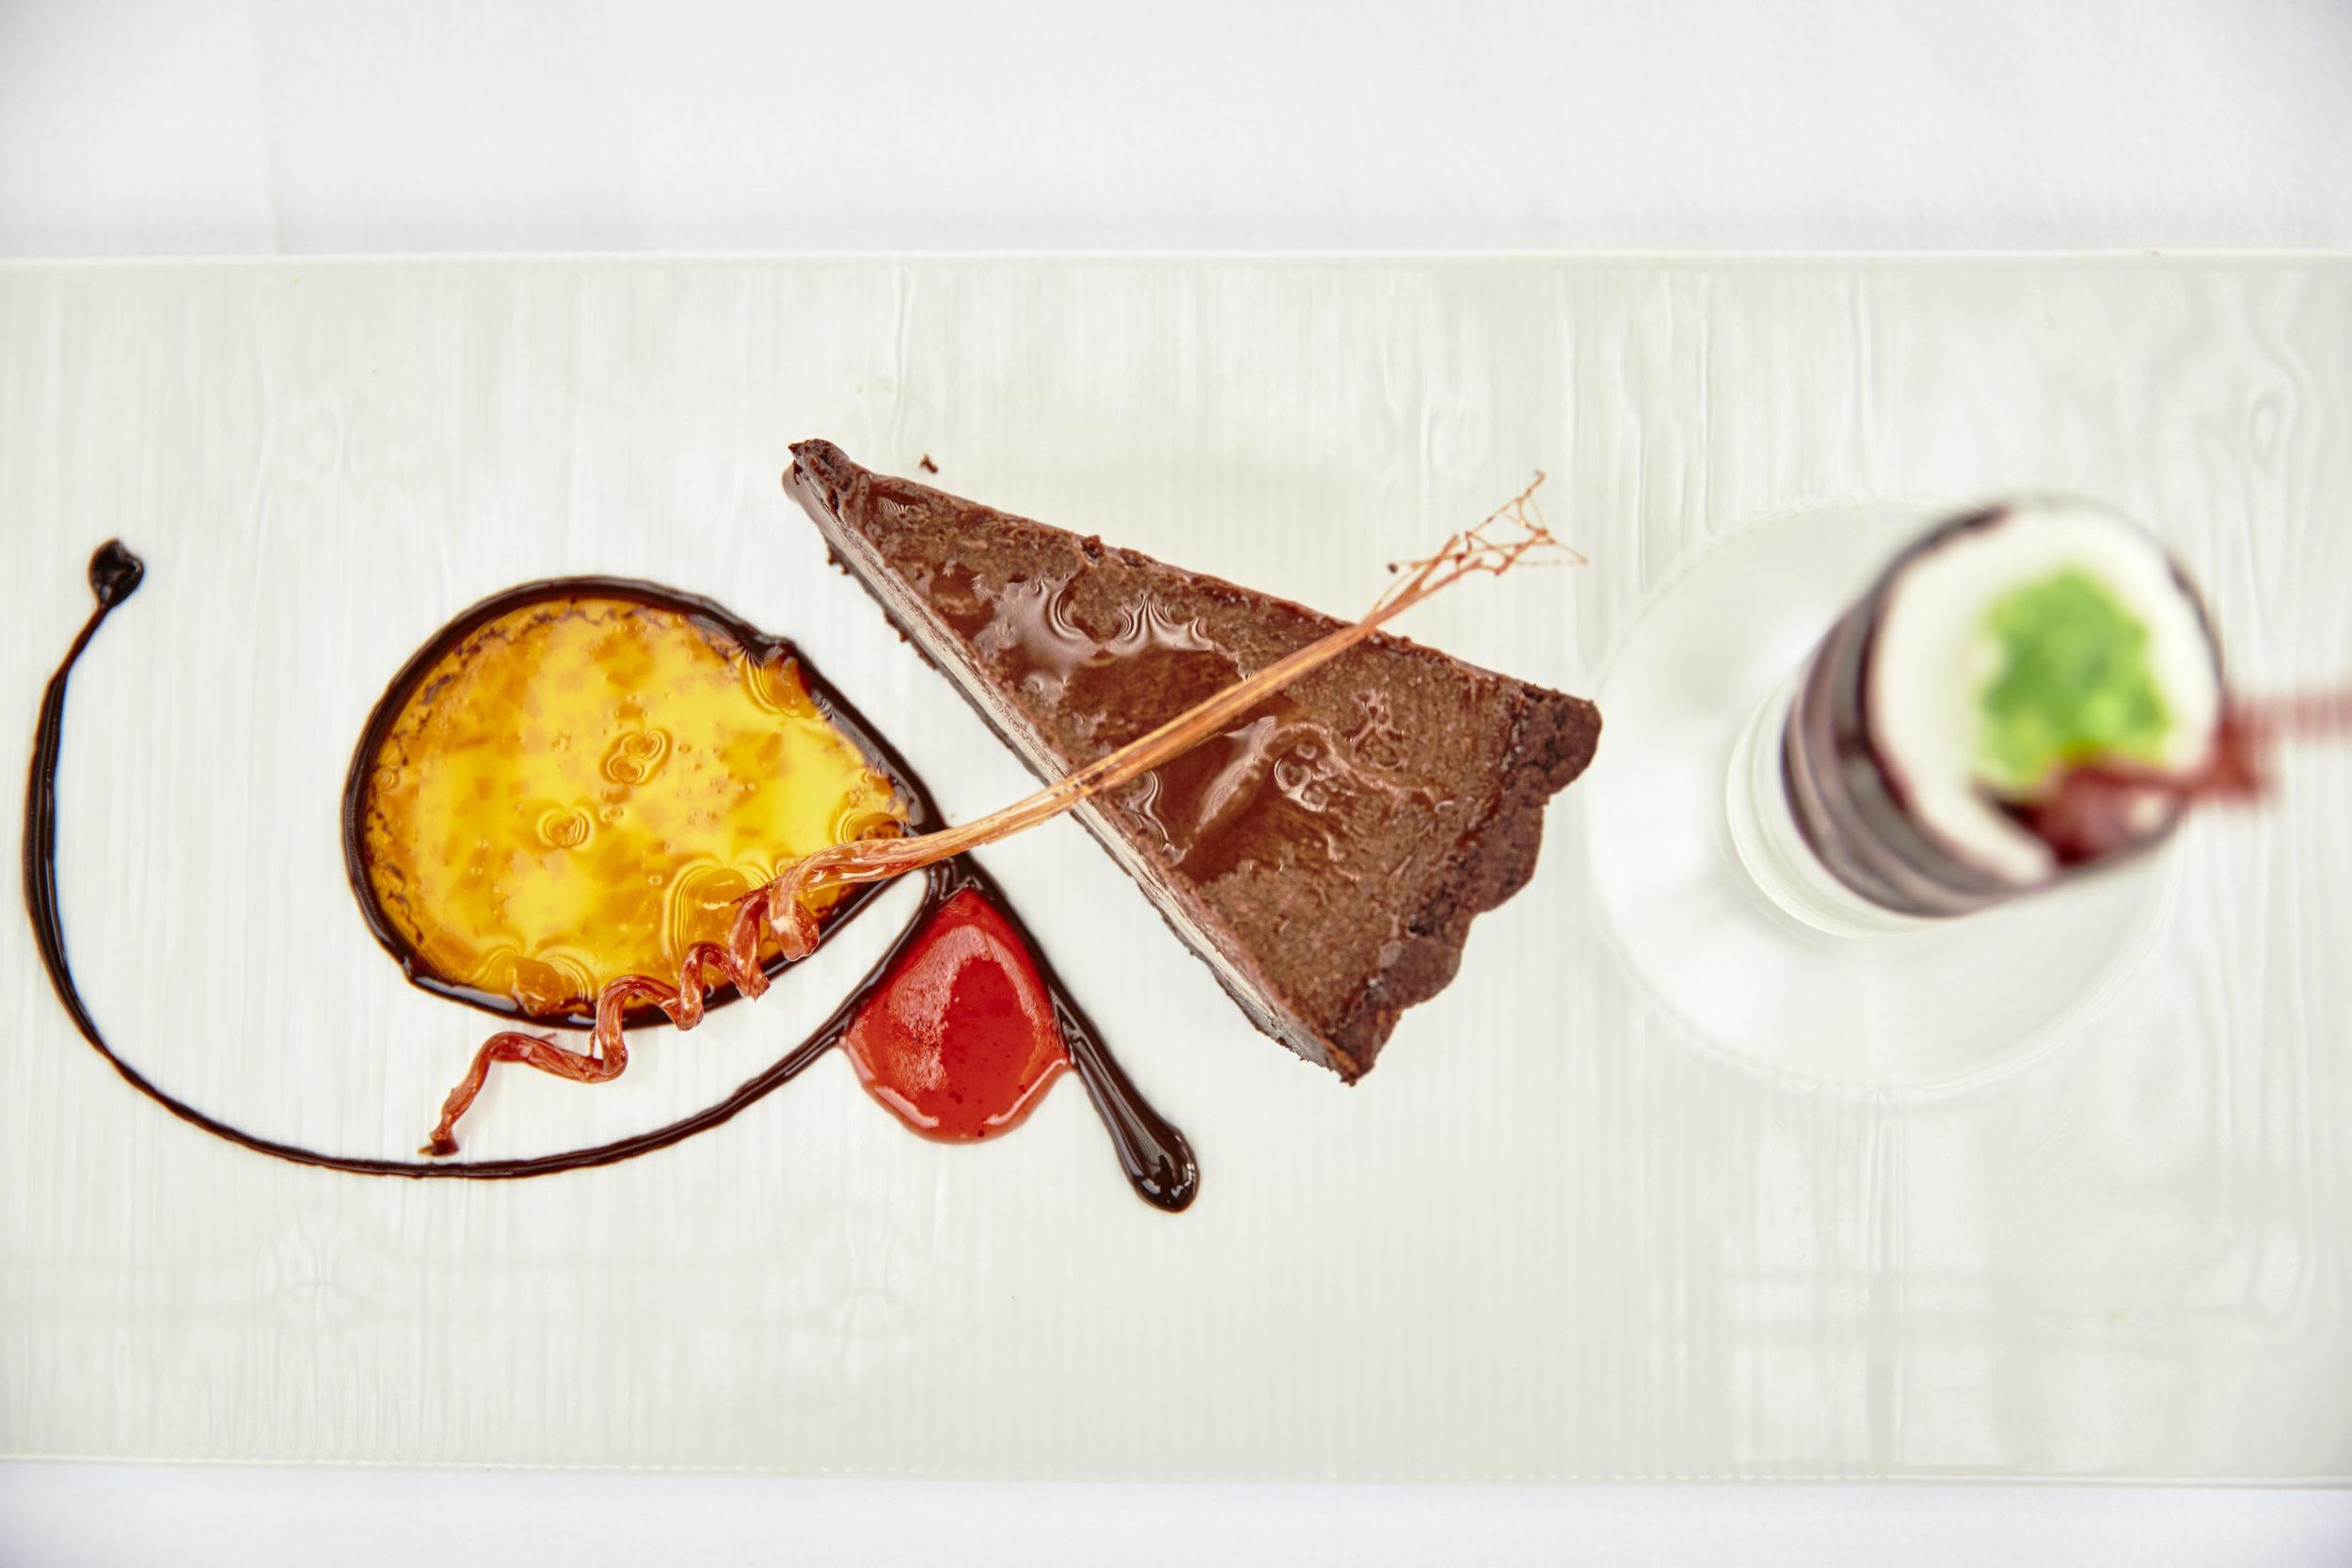 AniVillas_SriLanka_Dessert